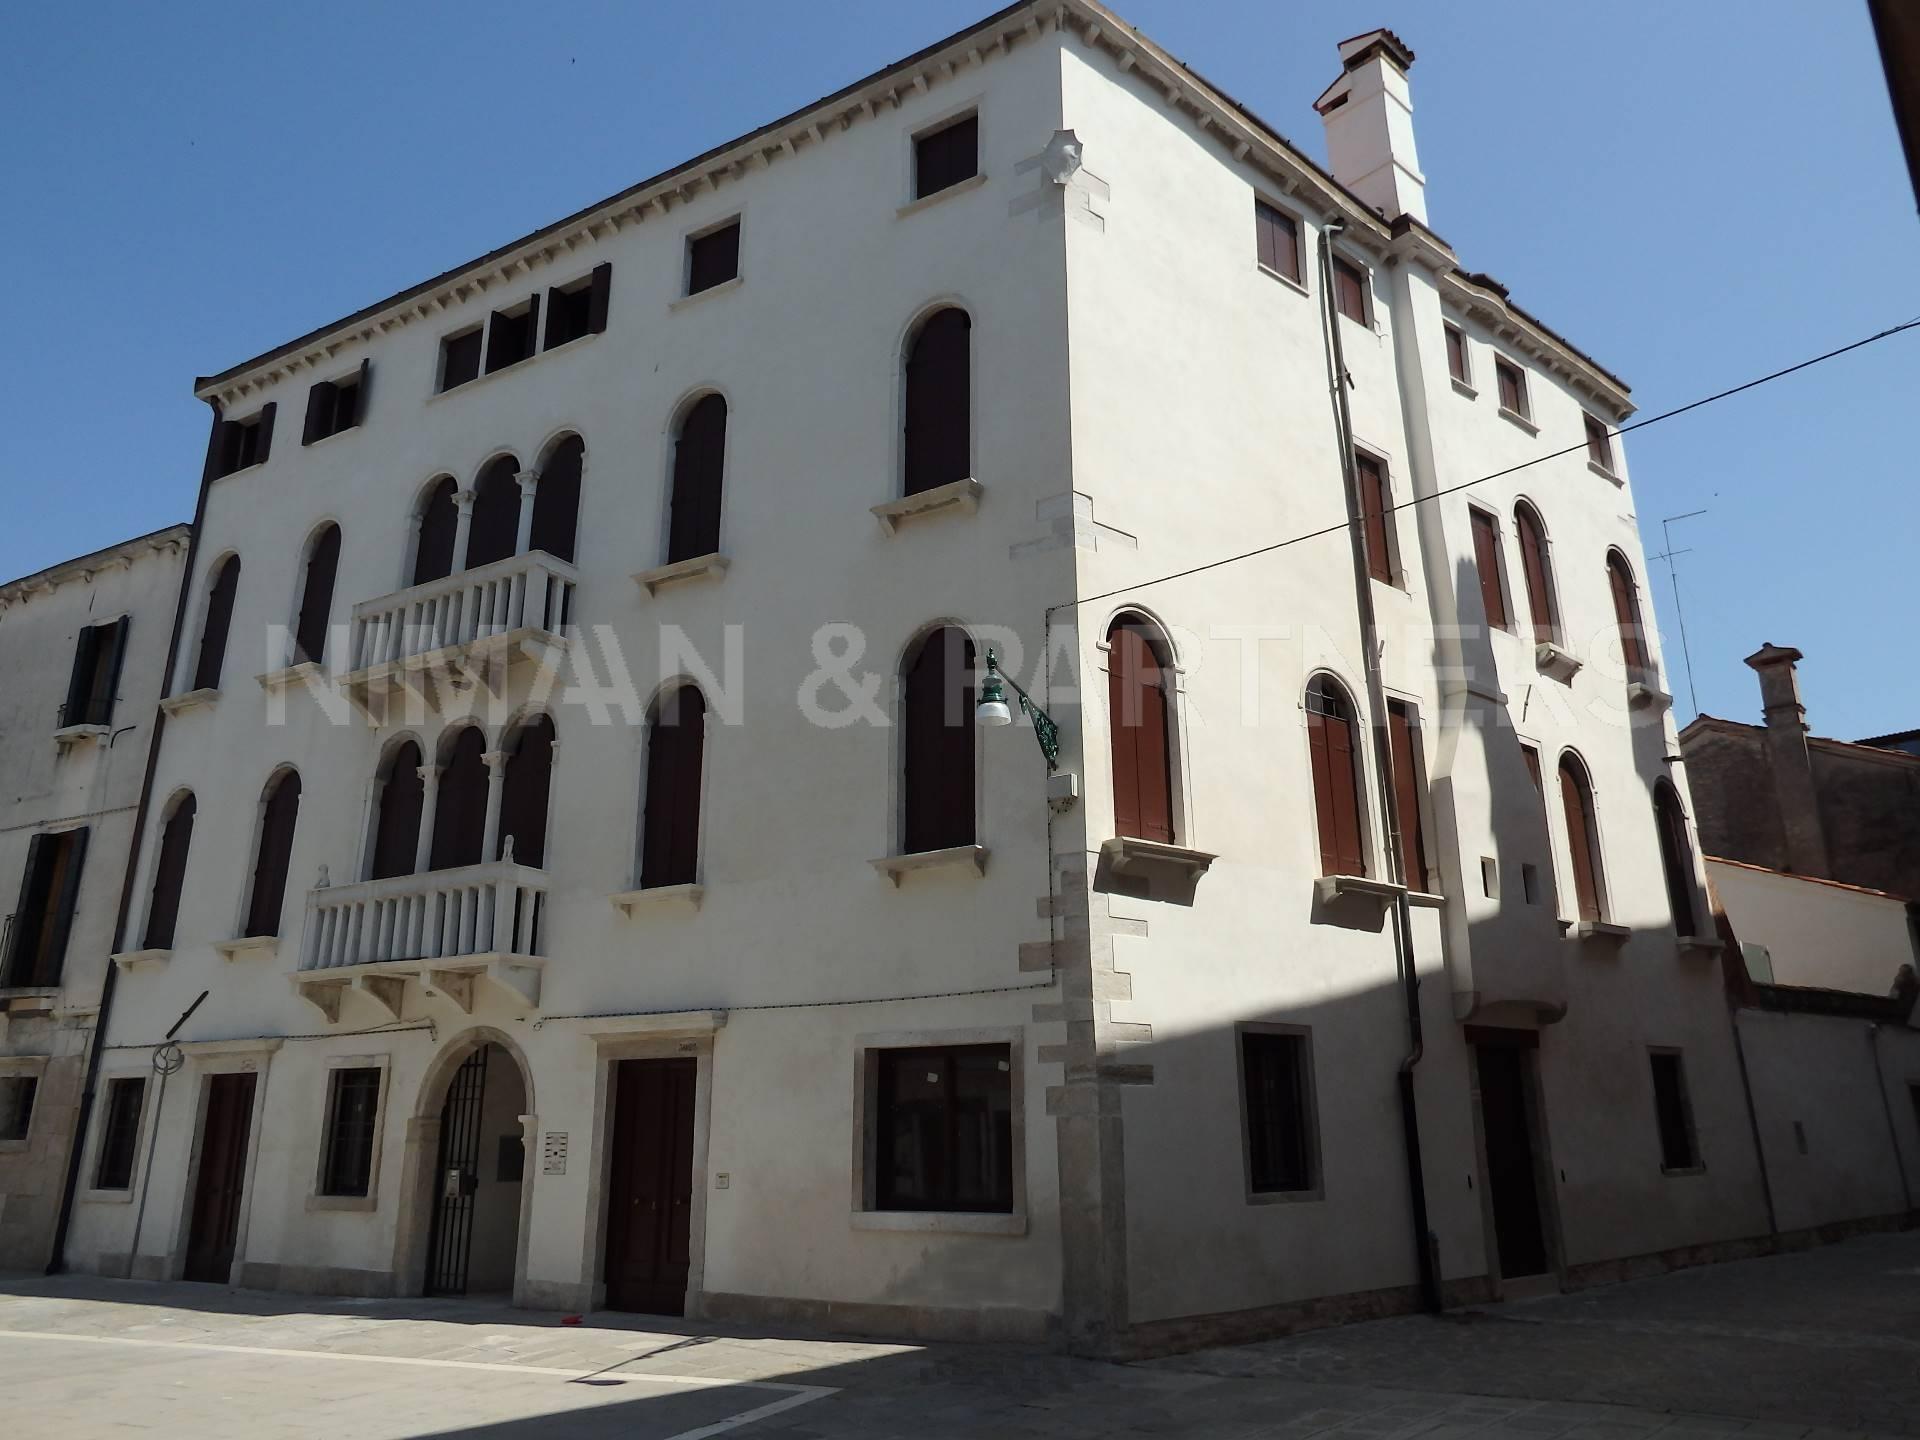 Appartamento in vendita a Venezia, 3 locali, zona Zona: 6 . Dorsoduro, prezzo € 642.390 | Cambio Casa.it